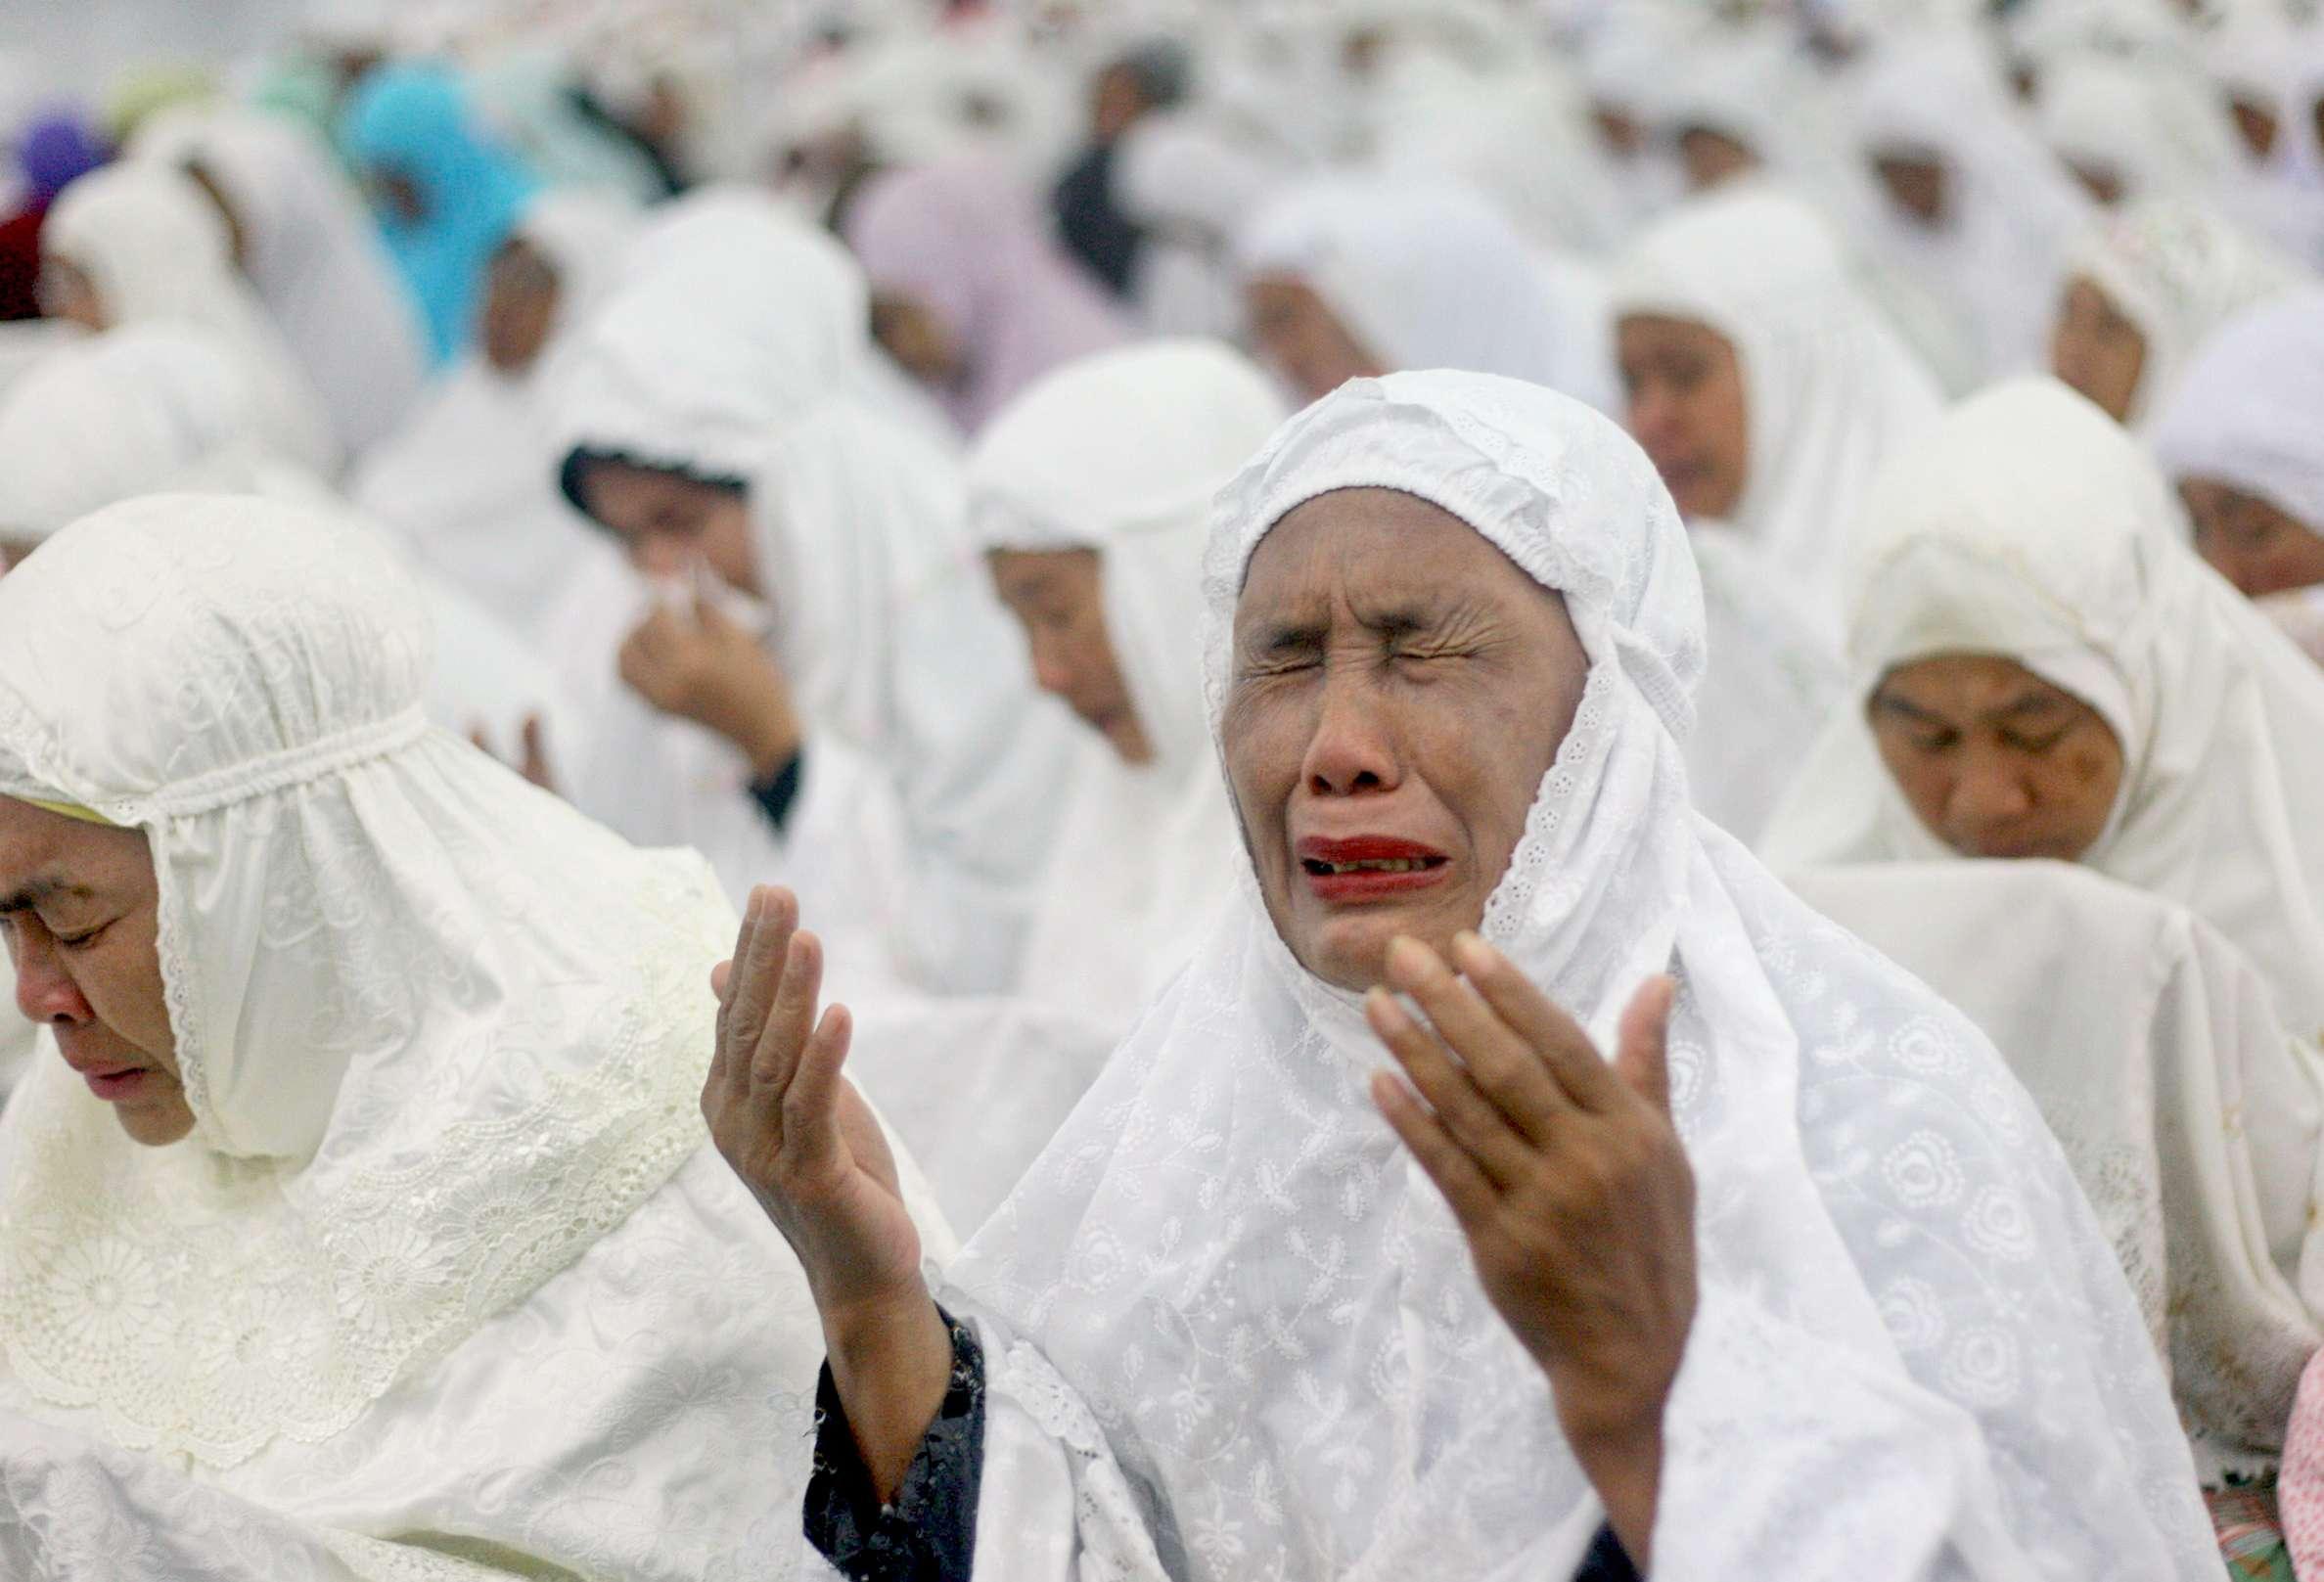 Foto: Heri Juanda/AP